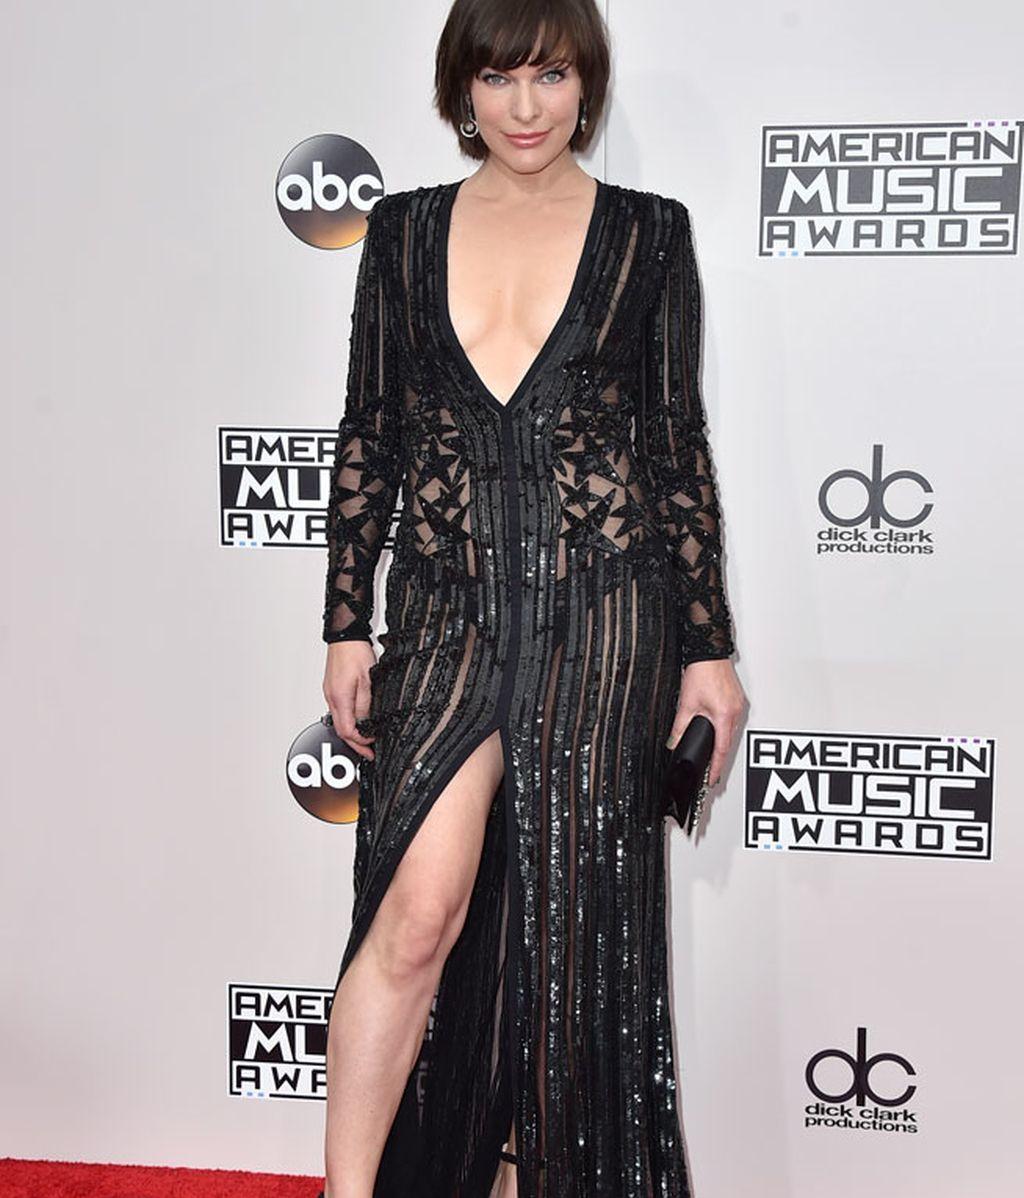 El negro de Milla Jovovich: largo con abertura y mucha transparencia